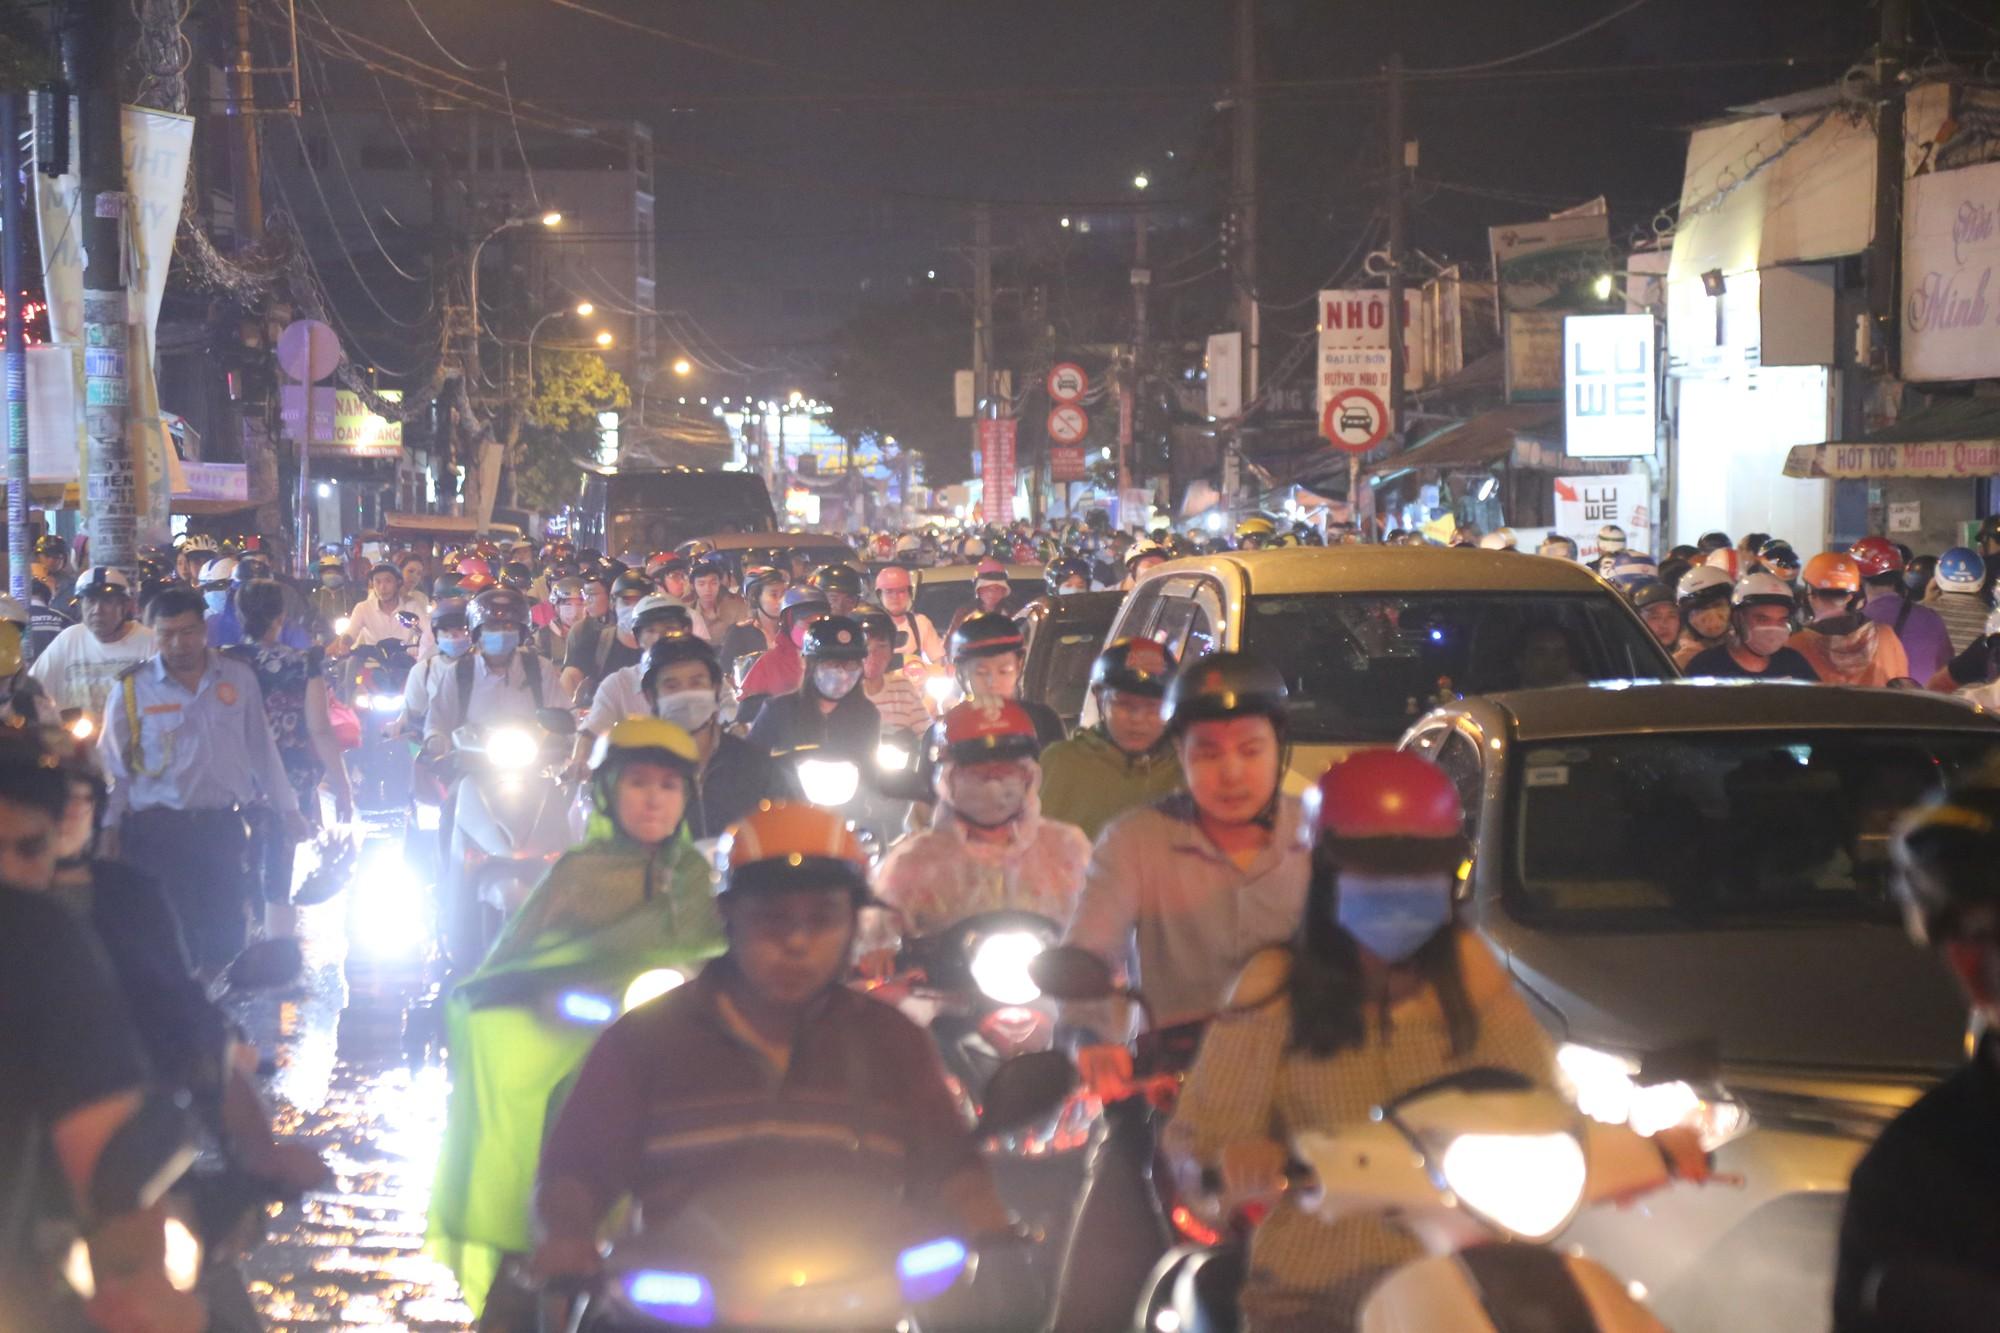 Sài Gòn ùn tắc kinh hoàng sau mưa lớn, trẻ em ngủ gục trên vai ba mẹ ngoài đường - Ảnh 2.